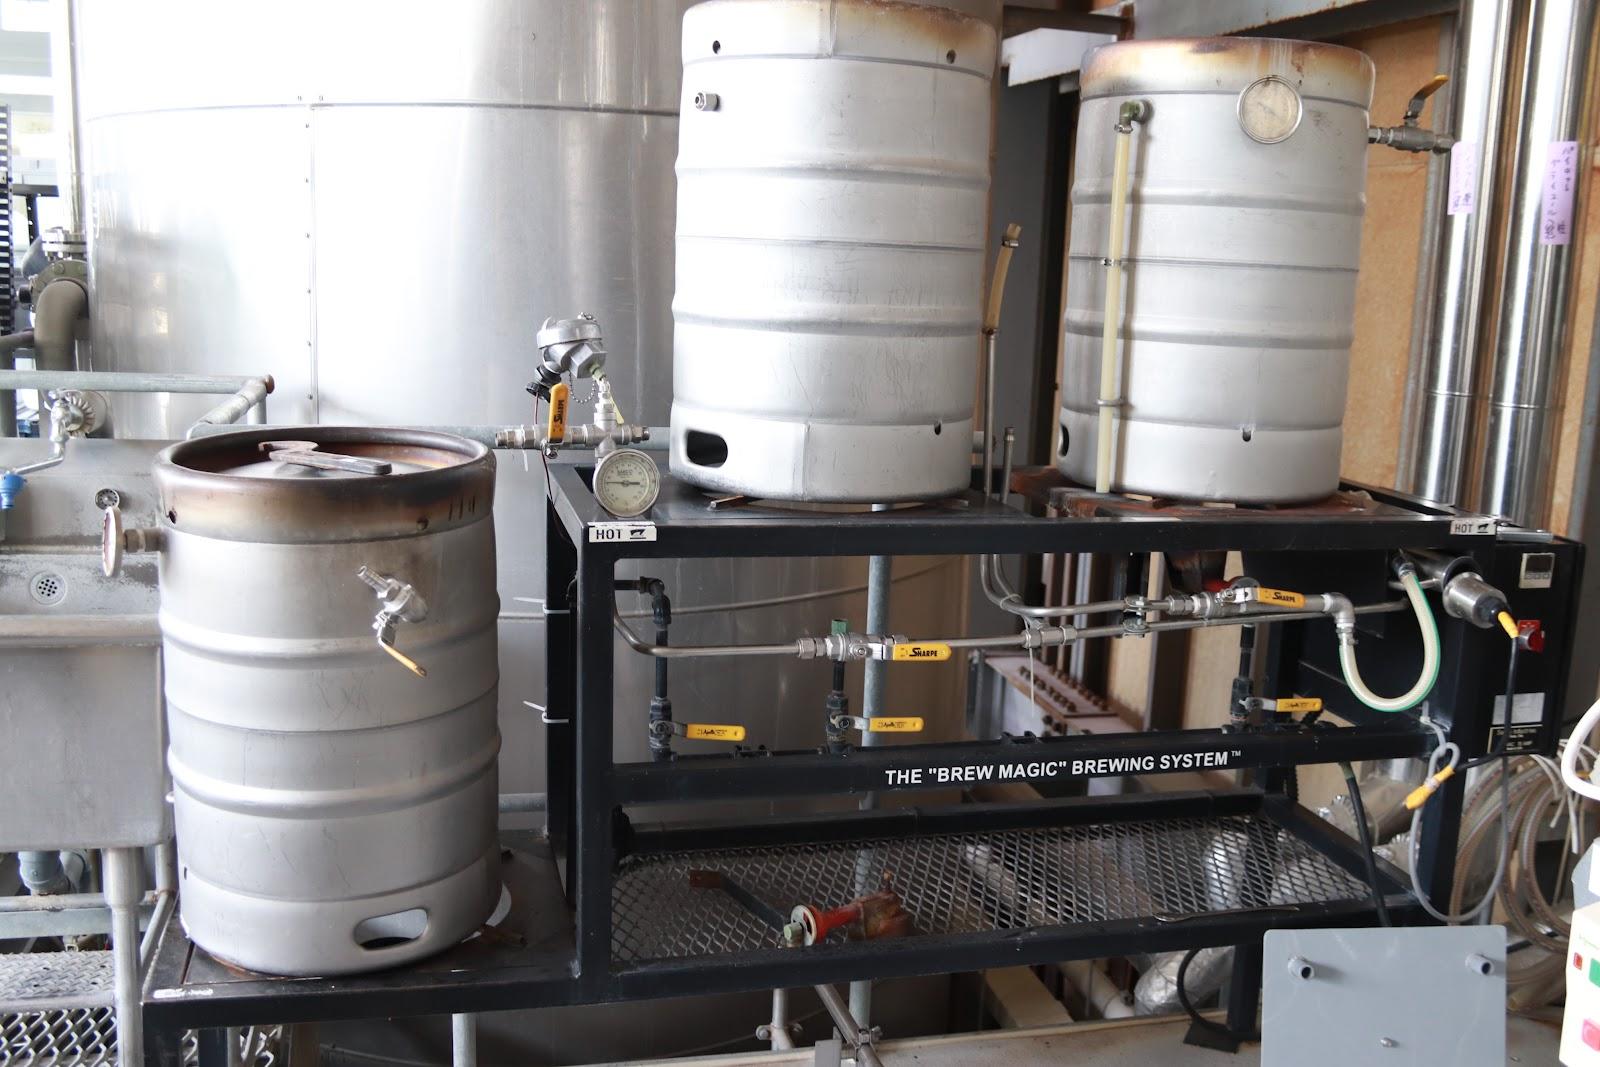 ヤッホーブルーイング 実験的にビール製造が出来る試験醸造設備